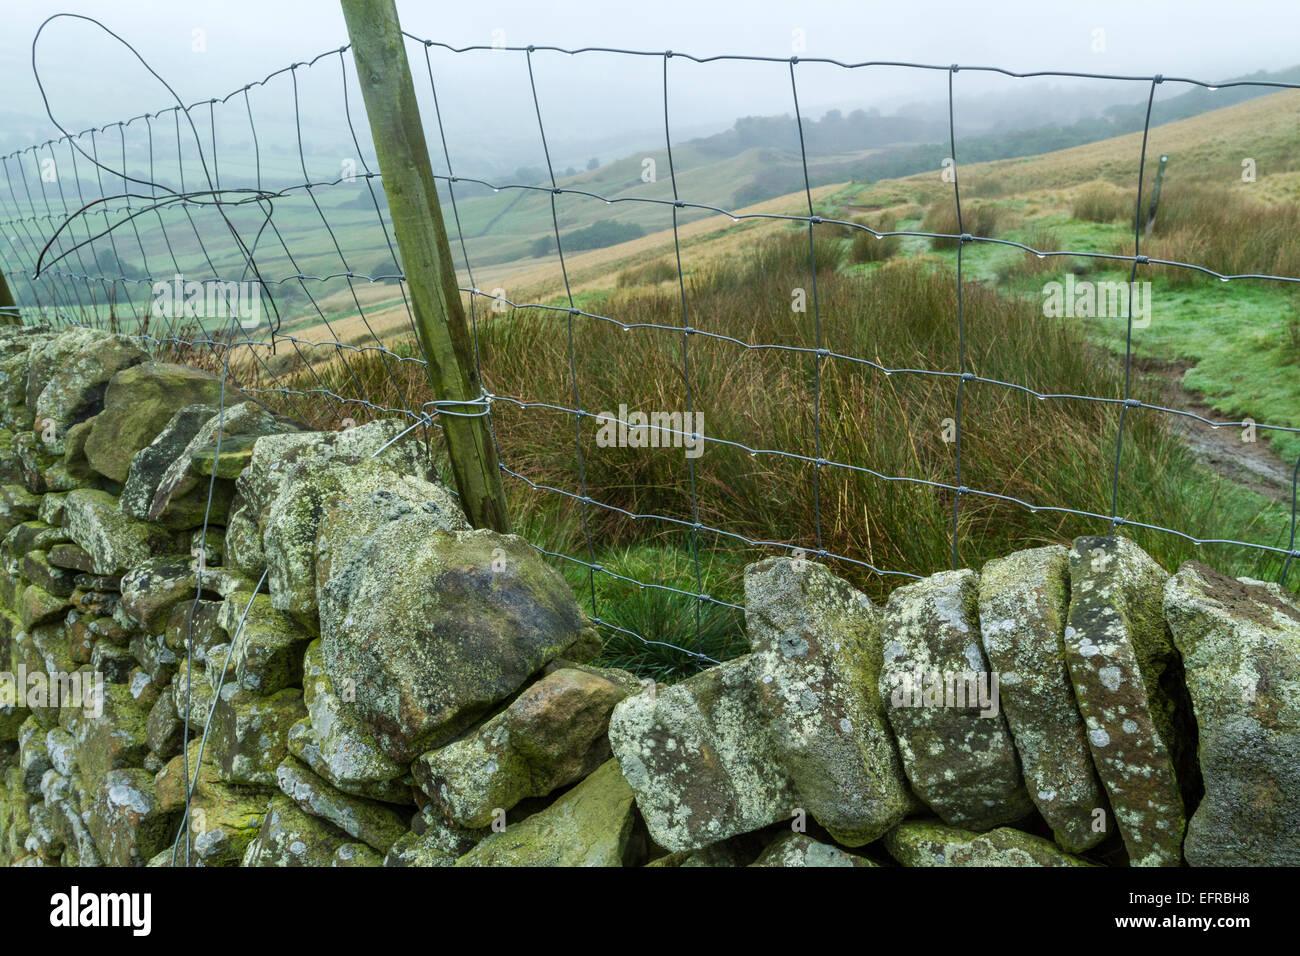 Cercas de alambre y un muro de piedra, Derbyshire Peak District National Park, Inglaterra, Reino Unido. Imagen De Stock